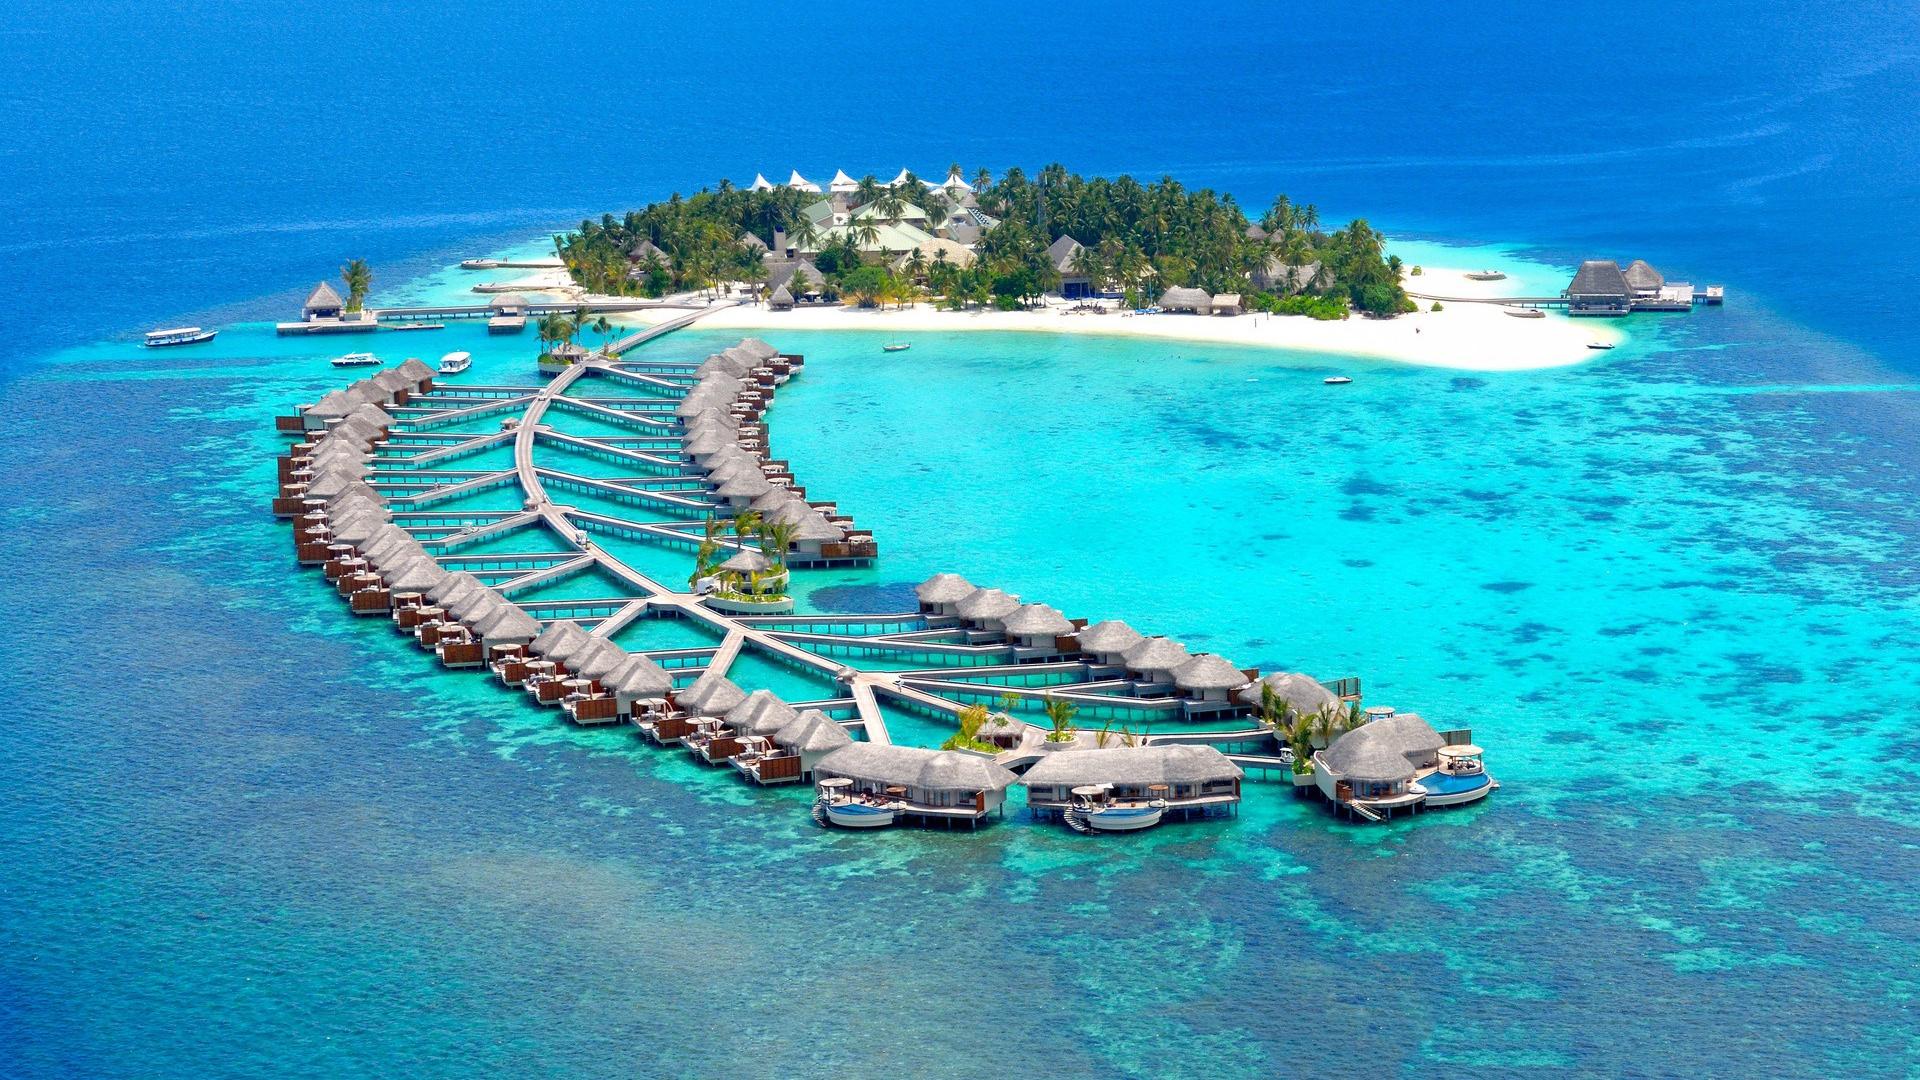 6999317-maldives-islands-wallpaper